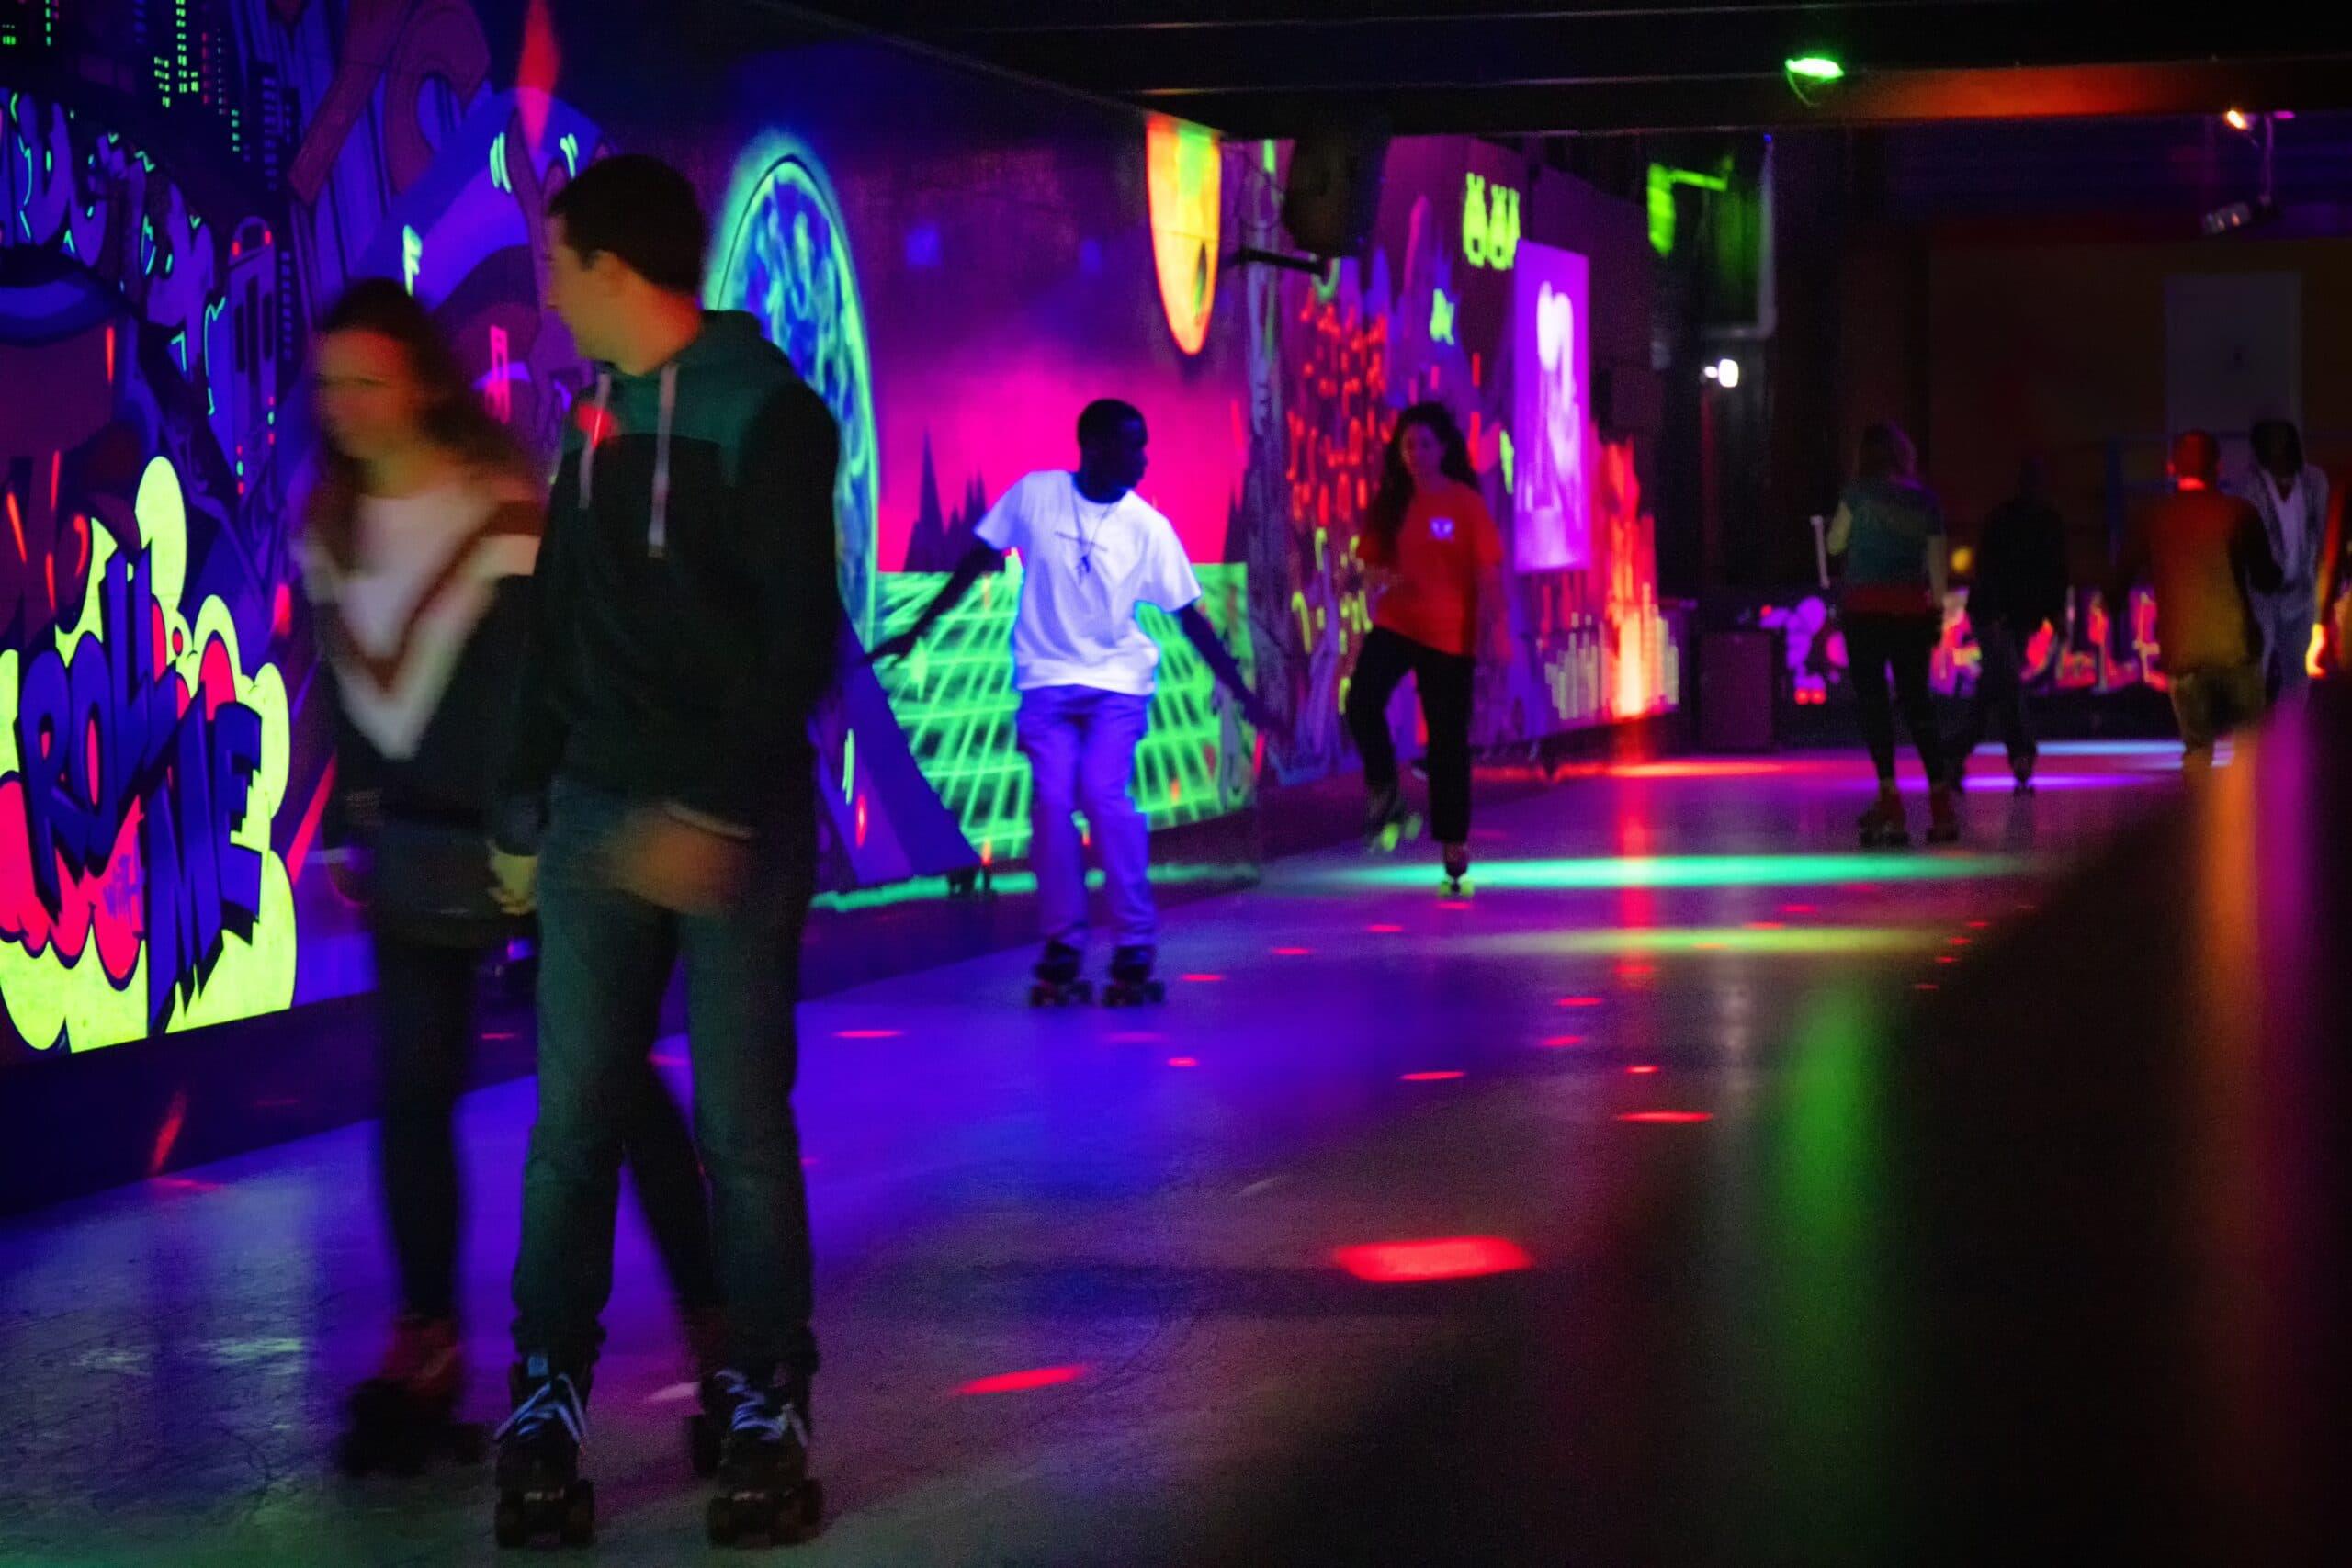 Rolschaatsers op de rolschaatsbaan van Roller Planet in Amsterdam.